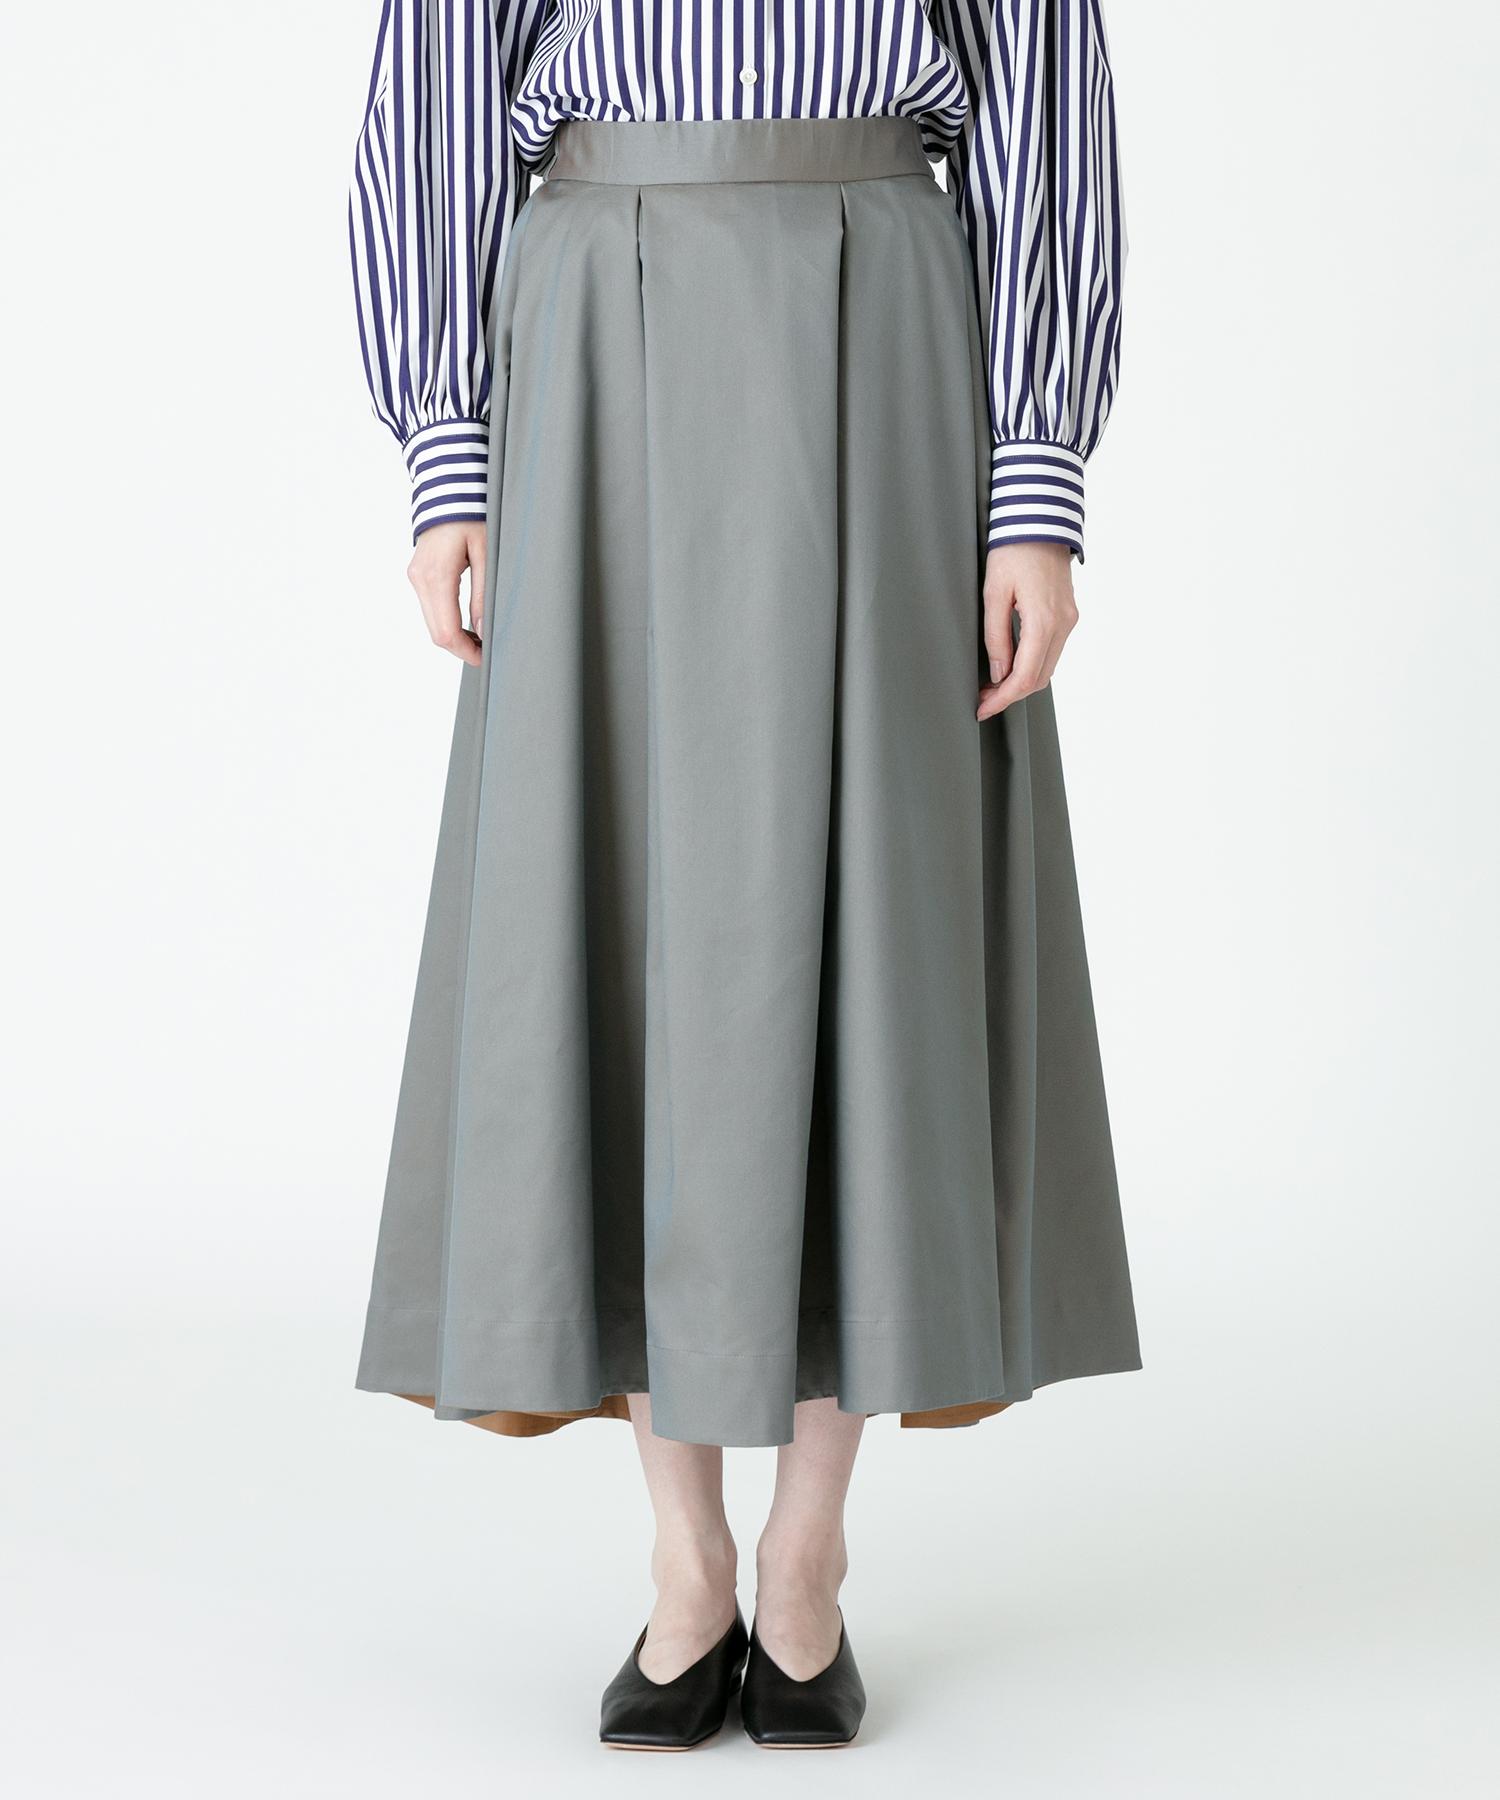 T/Cツイルリバーシブルスカート